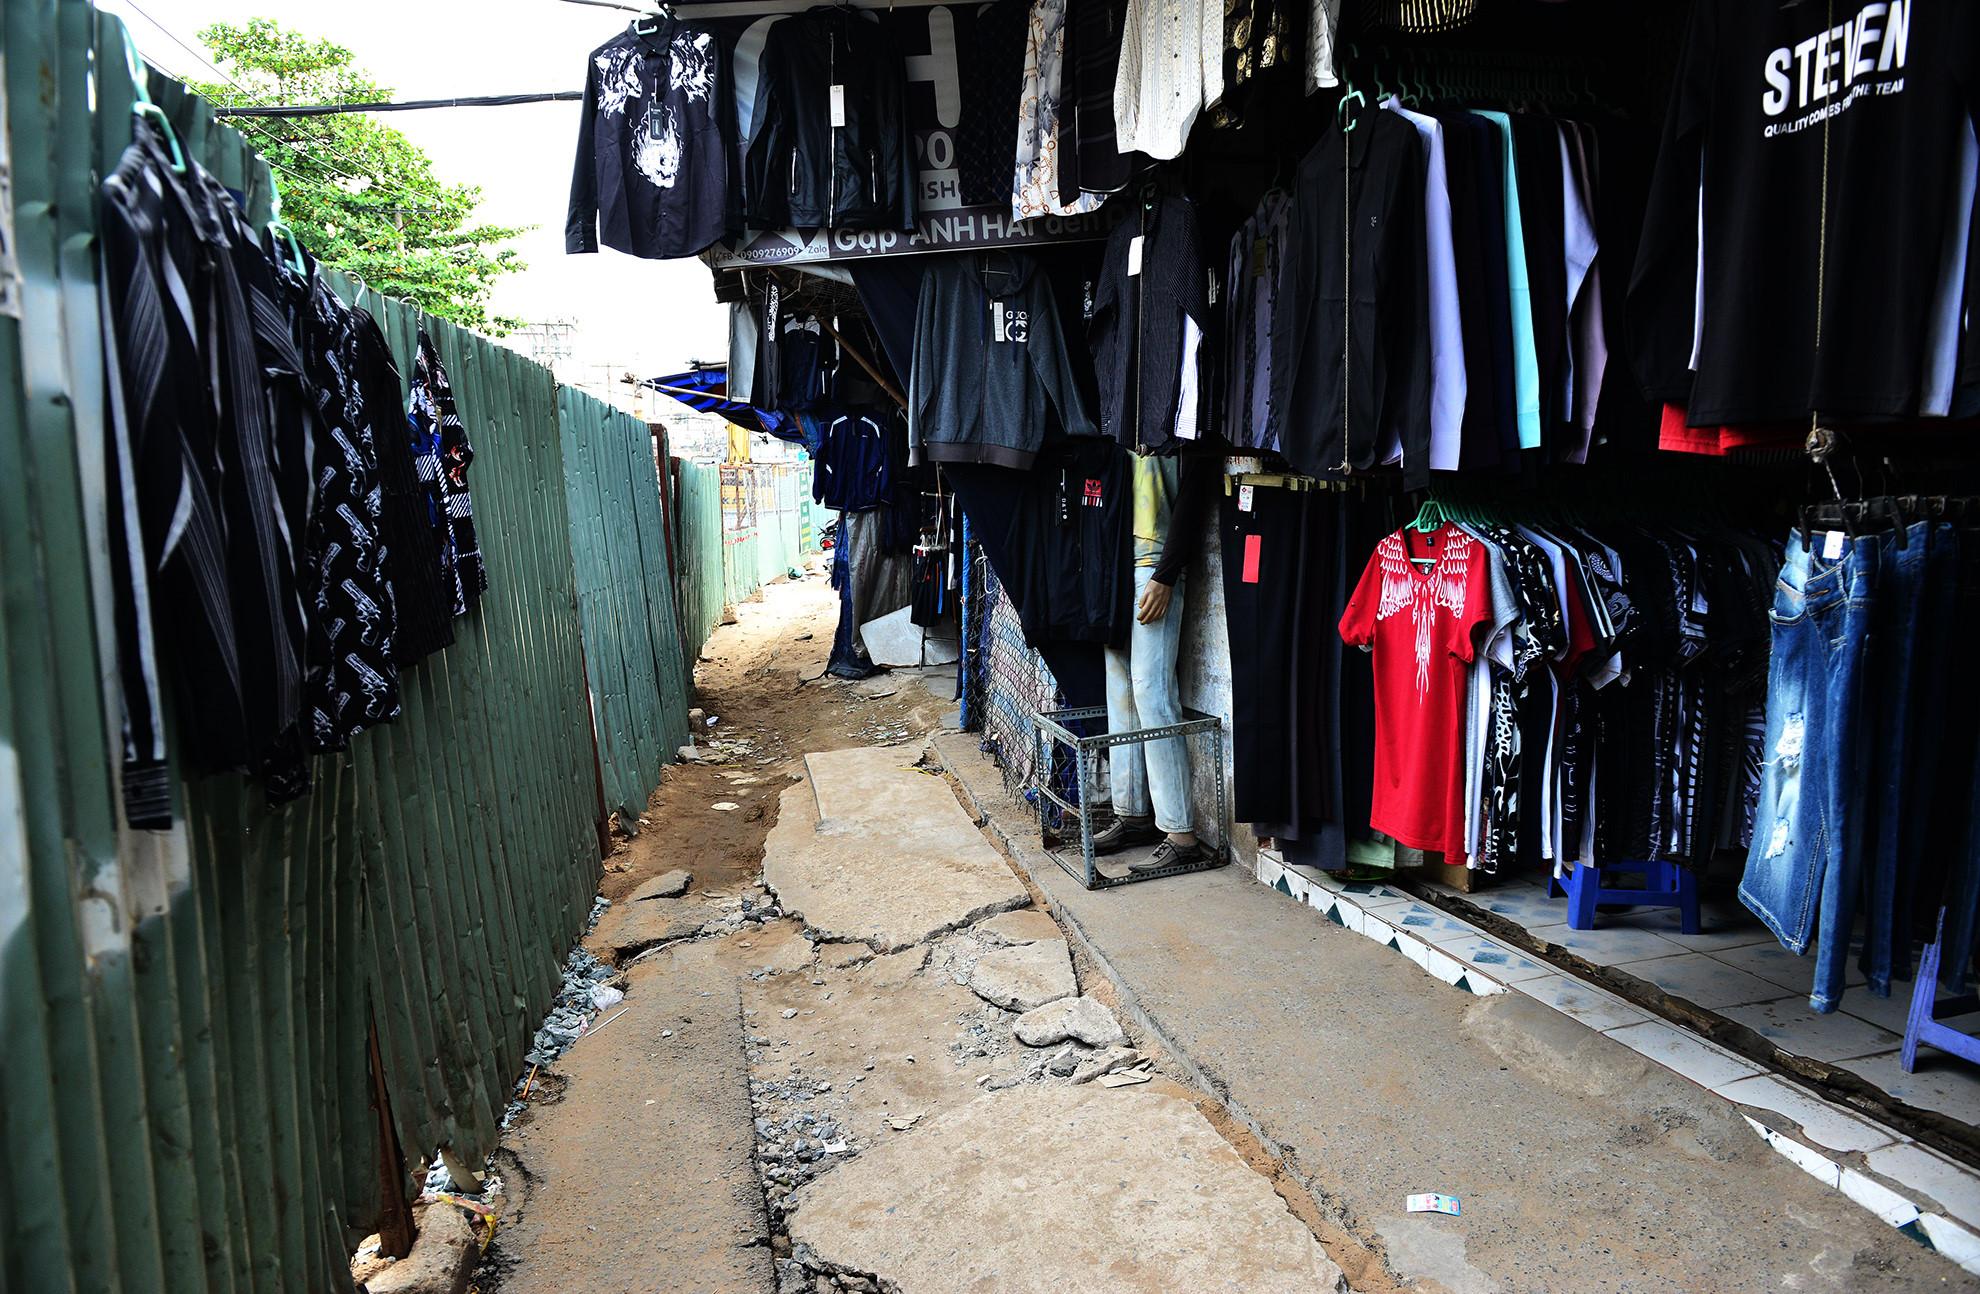 Cuối năm, lô cốt lại mọc lên khắp đường Sài Gòn Ảnh 5